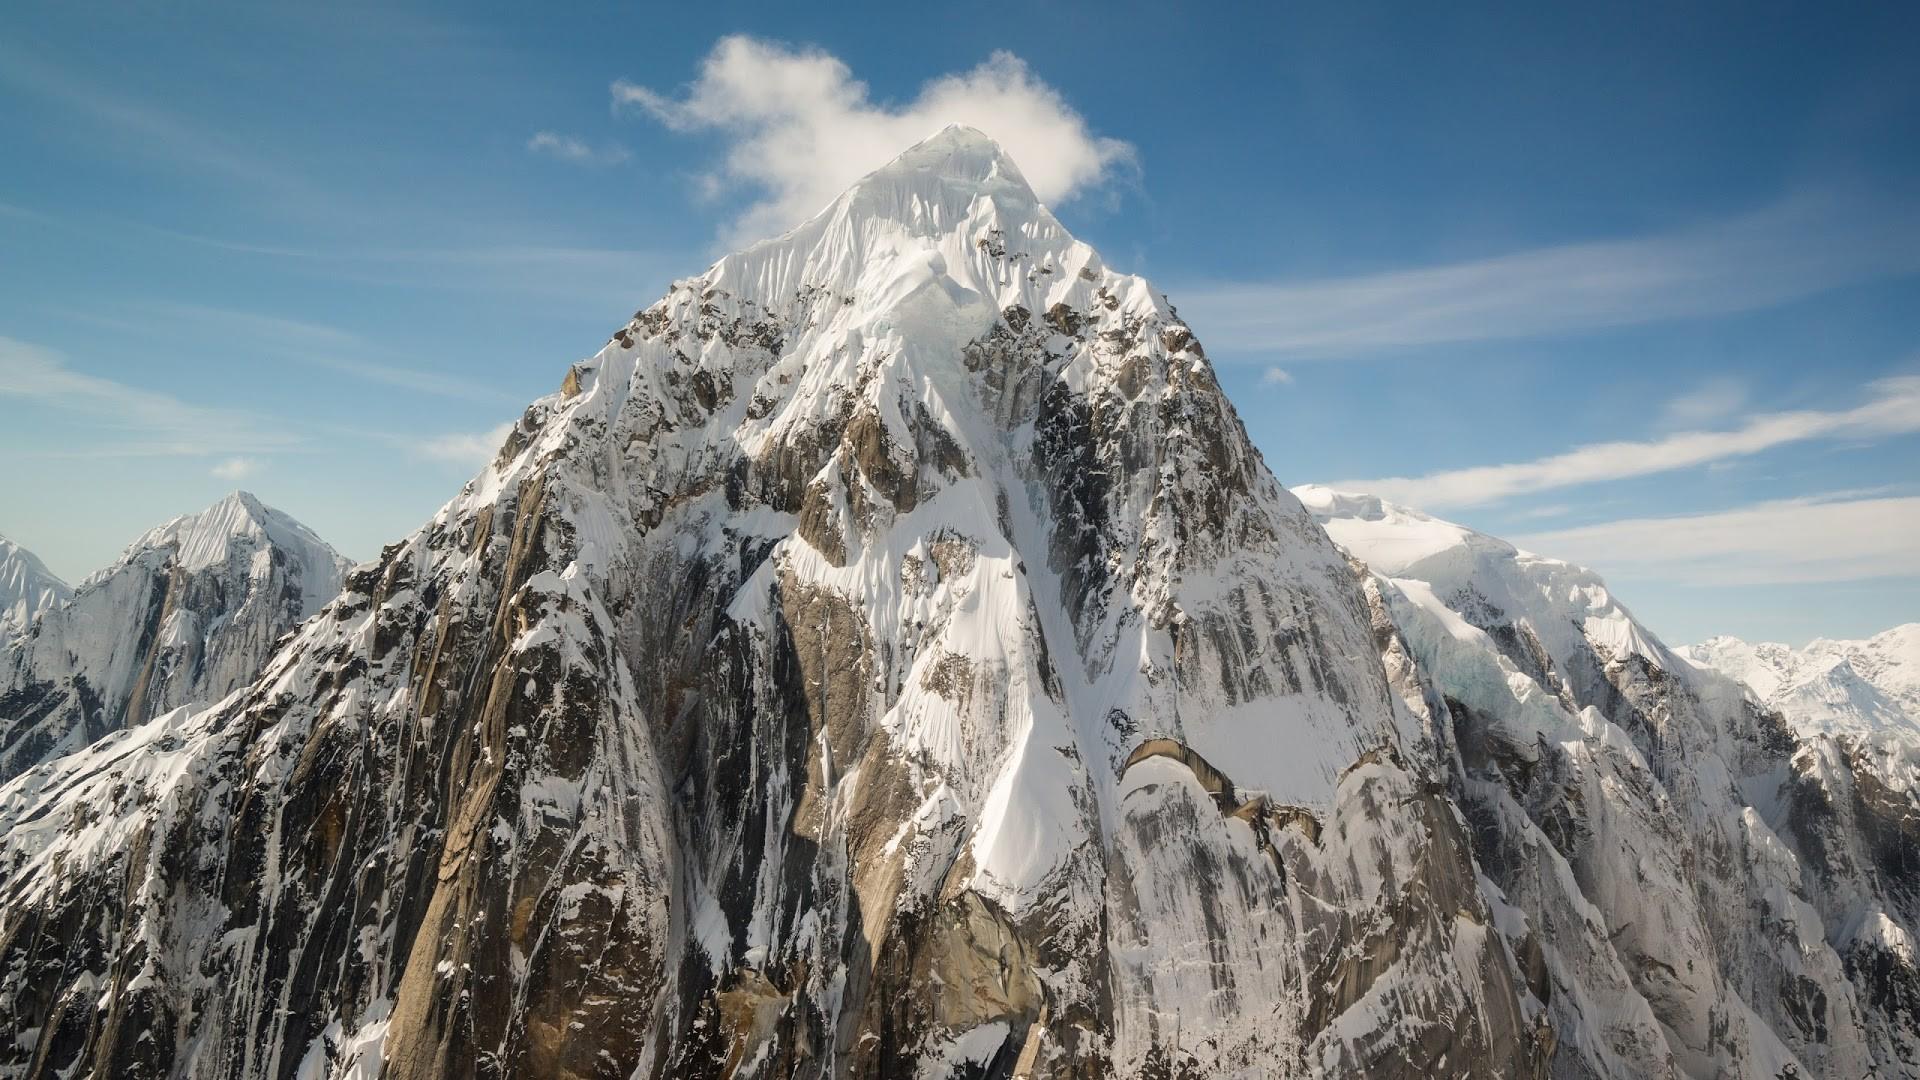 4K HD Wallpaper 2: Alaska. Snow. Mountain Peaks